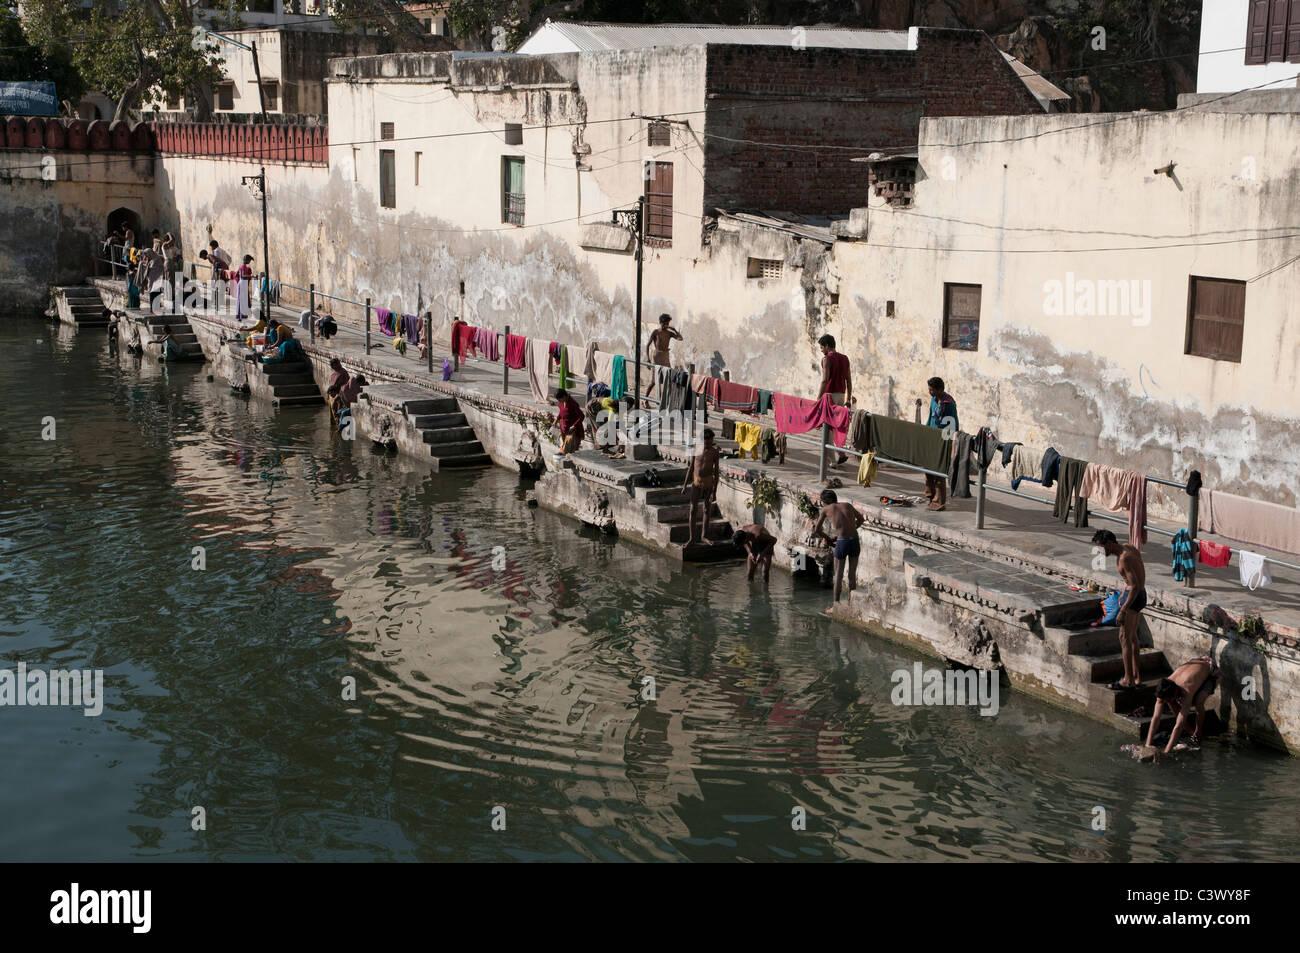 La gente lavando su ropa en Udaipur. Imagen De Stock